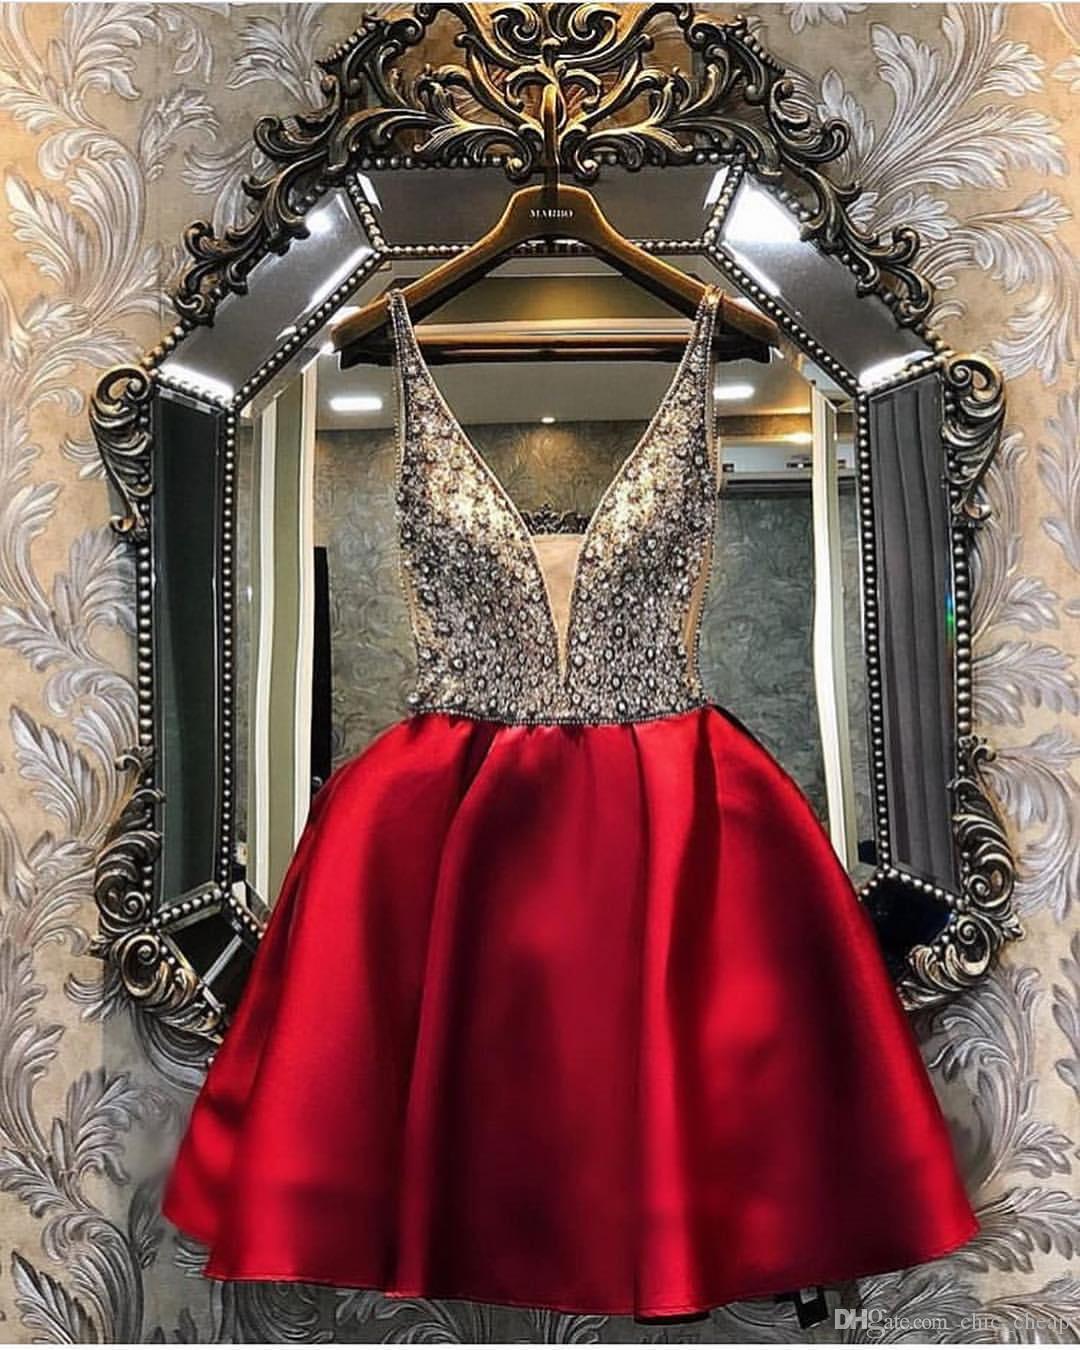 Borgogna in rilievo cristalli 2019 abiti da ritorno abiti spaghetti A-line Abiti di laurea in raso sexy elegante abiti da cocktail corto